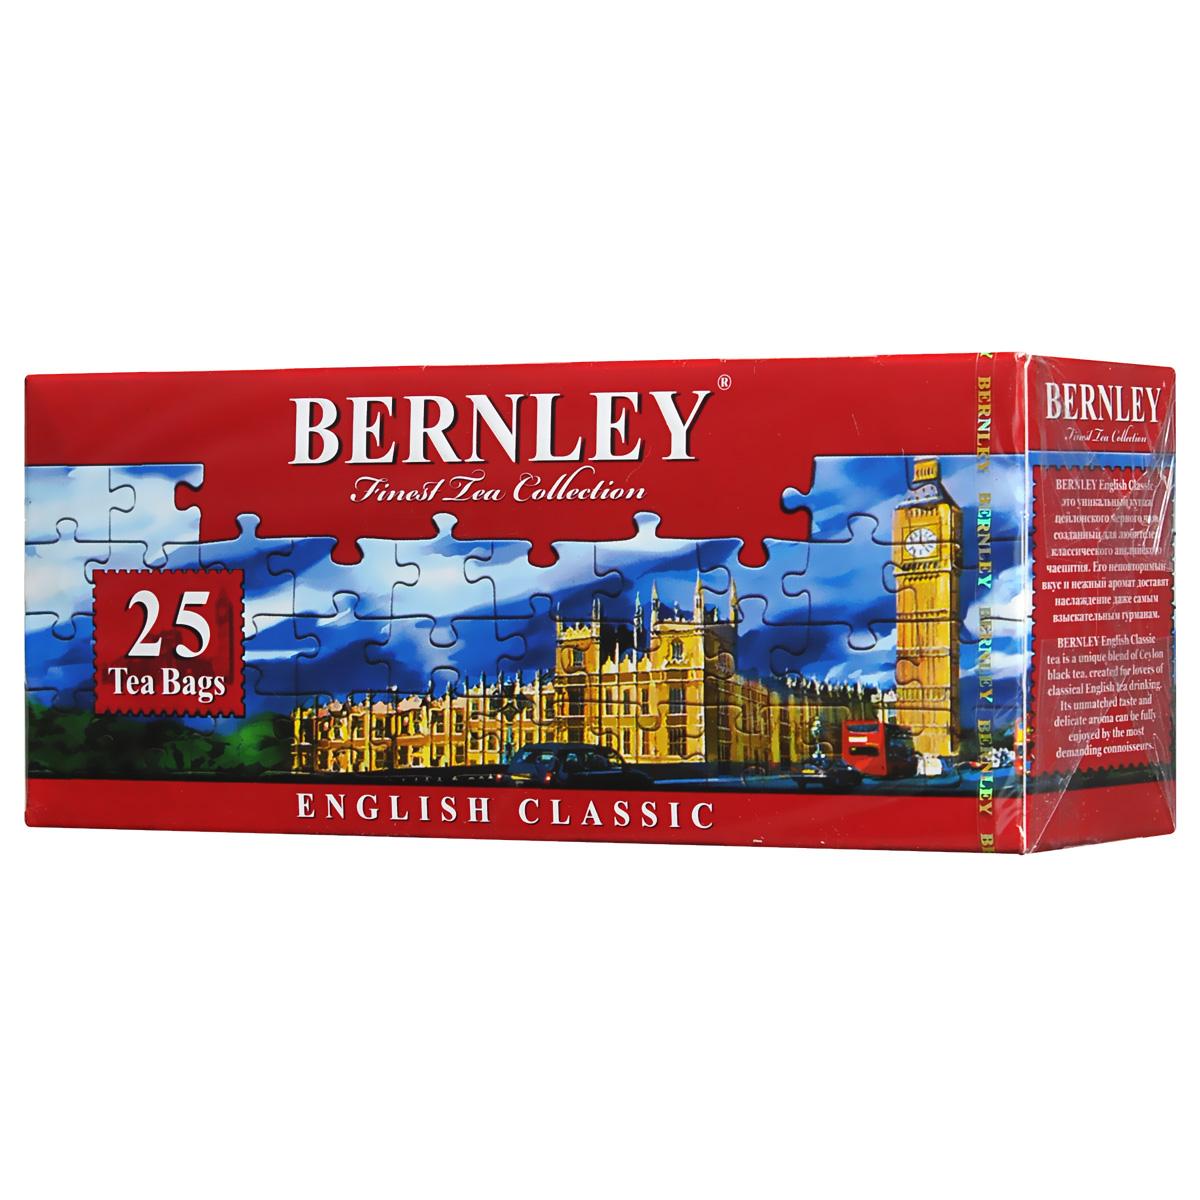 Bernley English Classic черный чай в пакетиках, 25 шт1070008Bernley English Classic - традиционный черный чай, созданный по классическому английскому рецепту, с густым, насыщенного цвета настоем и тонким ароматом, присущим лишь лучшим сортам цейлонского чая. Вкус терпкий, сбалансированный, с утонченными оригинальными оттенками.